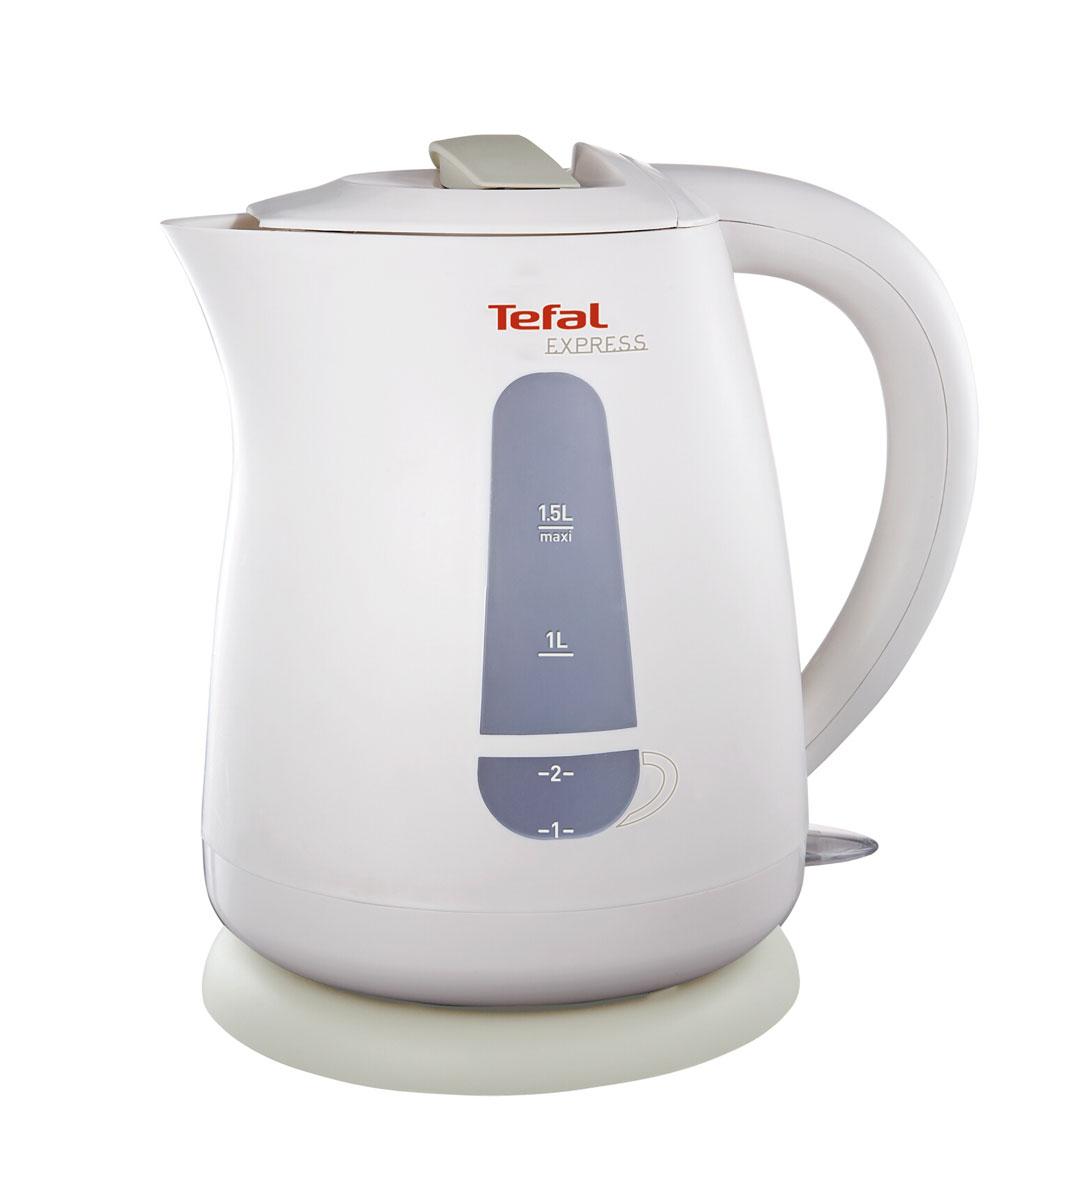 Tefal KO29913E Express Plastic электрический чайникKO2991Корпус электрического чайника Tefal KO29913E Express Plastic выполнен из термостойкого пластика. Горлышко достаточно большого диаметра, а также широко открывающаяся крышка поможет вам легко наливать воду и мыть чайник. Удобная кнопка Вкл / Выкл., расположенная внизу у основания ручки, служит для быстрого включения устройства, а выключается чайник автоматически при закипании воды.Отличительными чертами Tefal KO29913E Express Plastic являются возможность блокировки крышки для дополнительной безопасности при использовании устройства, а также два индикатора уровня воды - для одной или двух чашек. Подставка позволяет чайнику свободно вращаться на 360°.